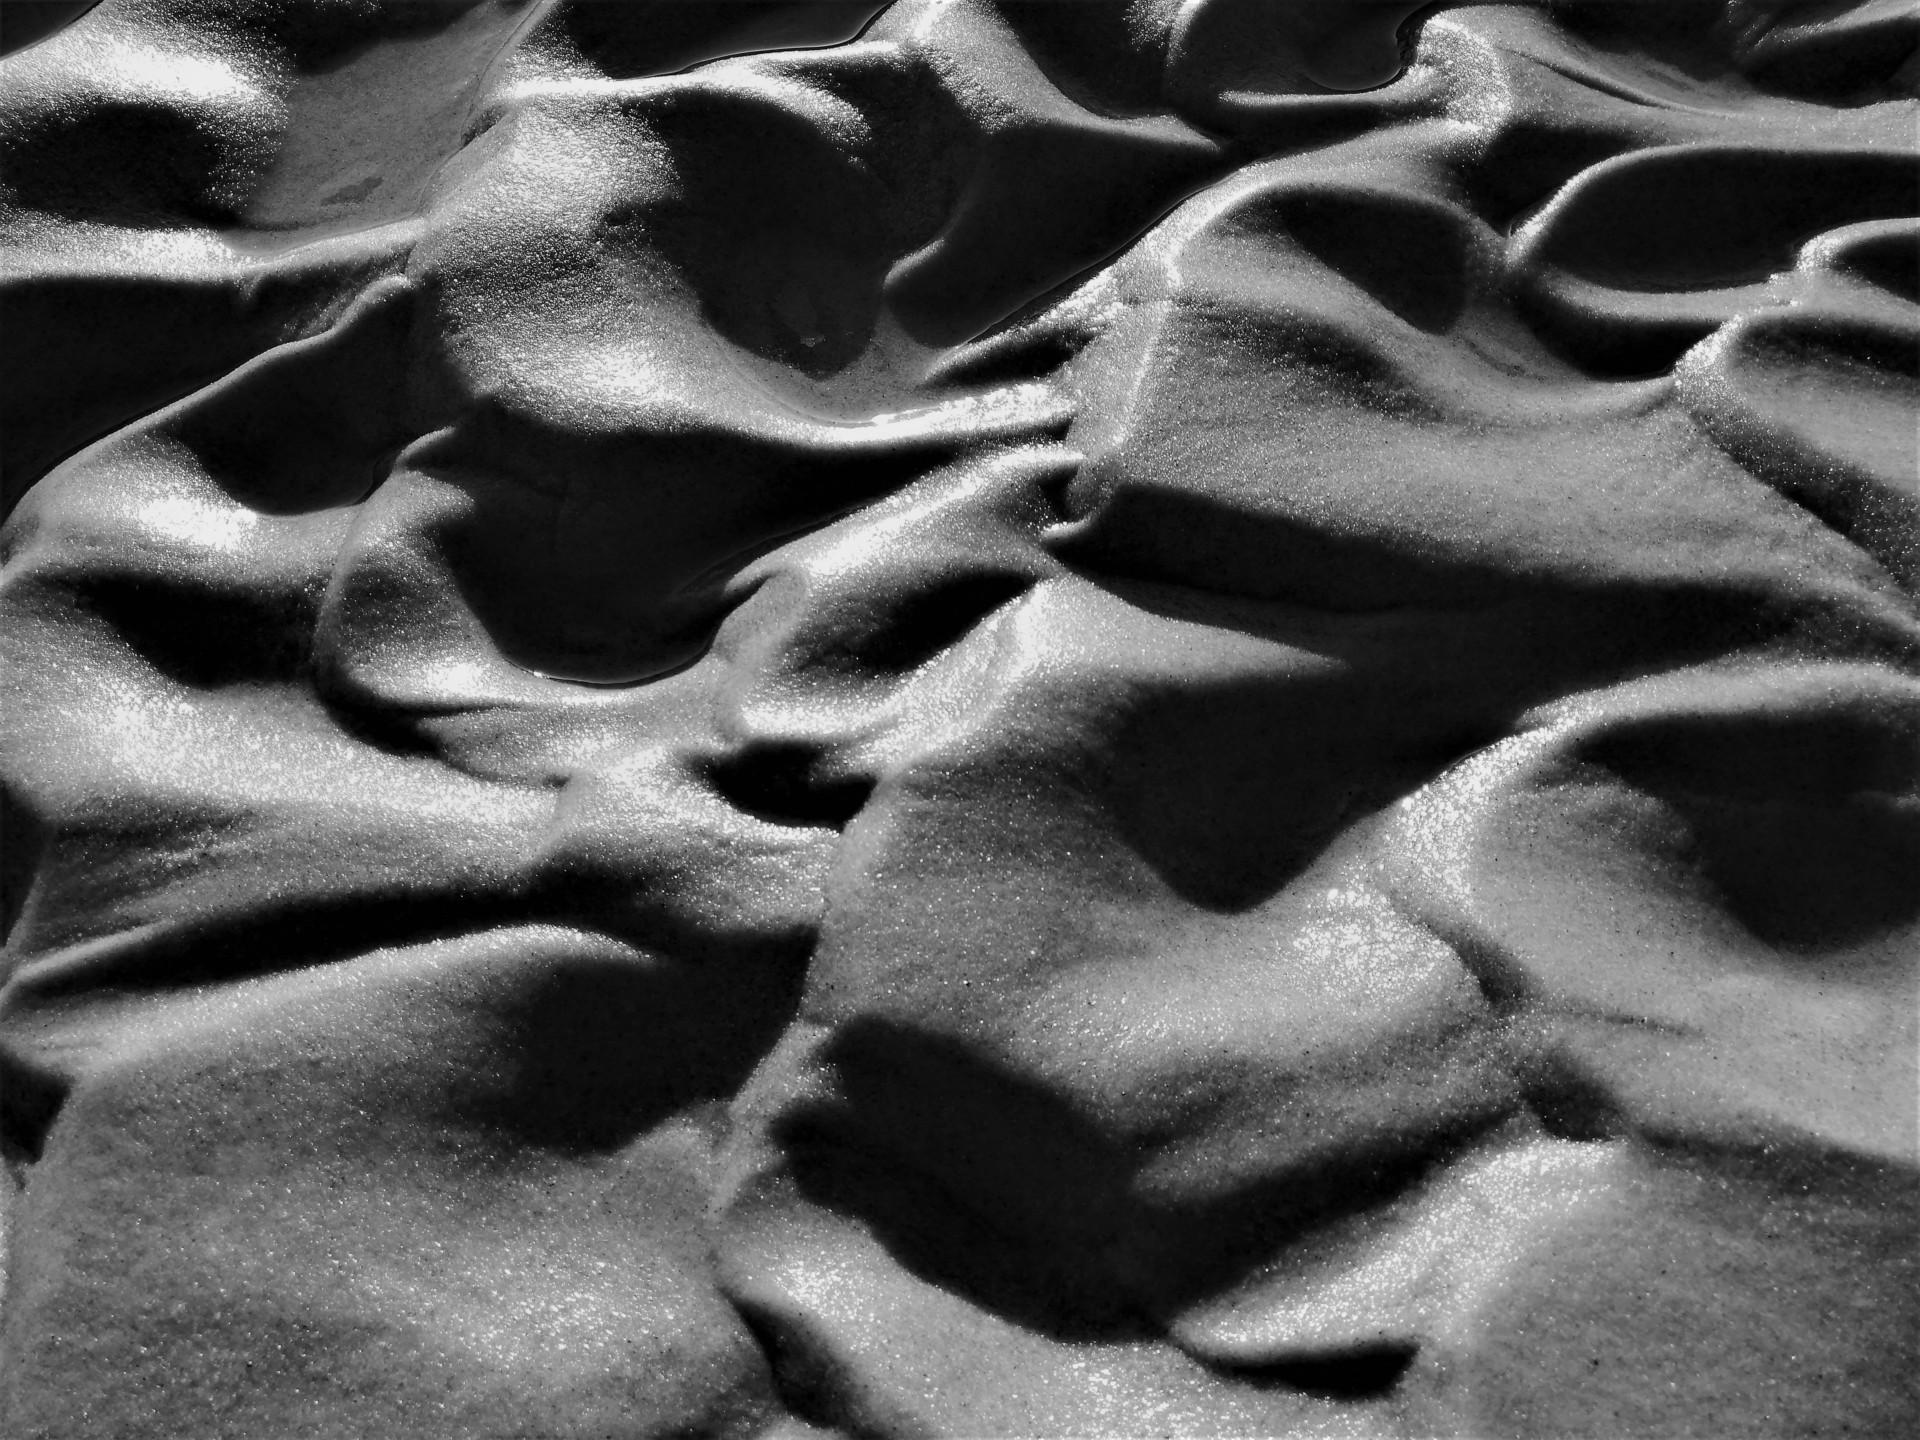 Plaża we władaniu przyrody. Lubiatowo - Kopalino, listopad 2019 13